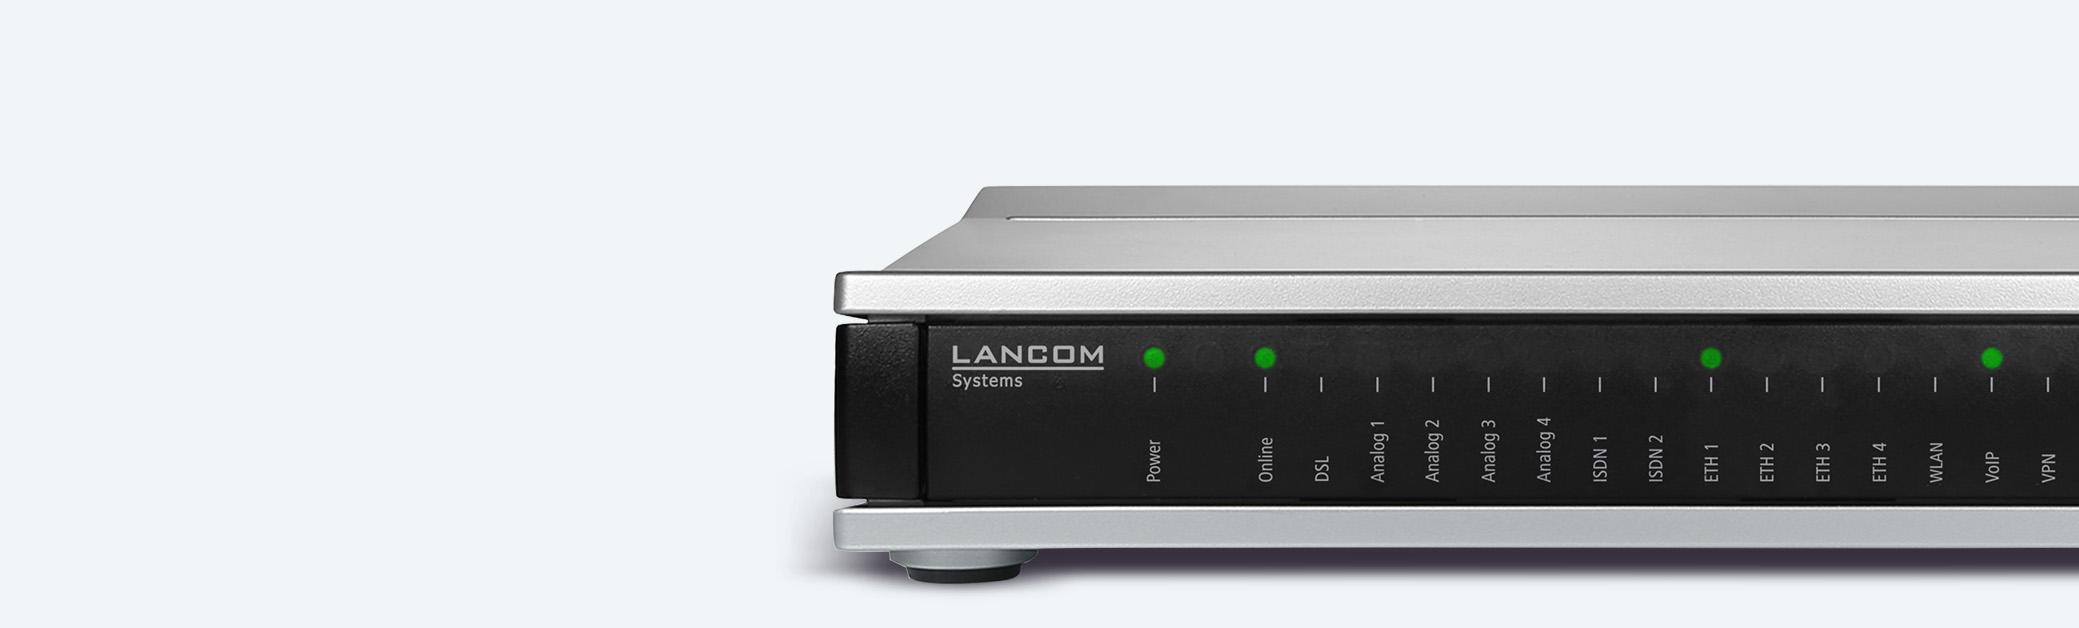 Kollagenbanner LANCOM VoIP-Router und SD-WAN